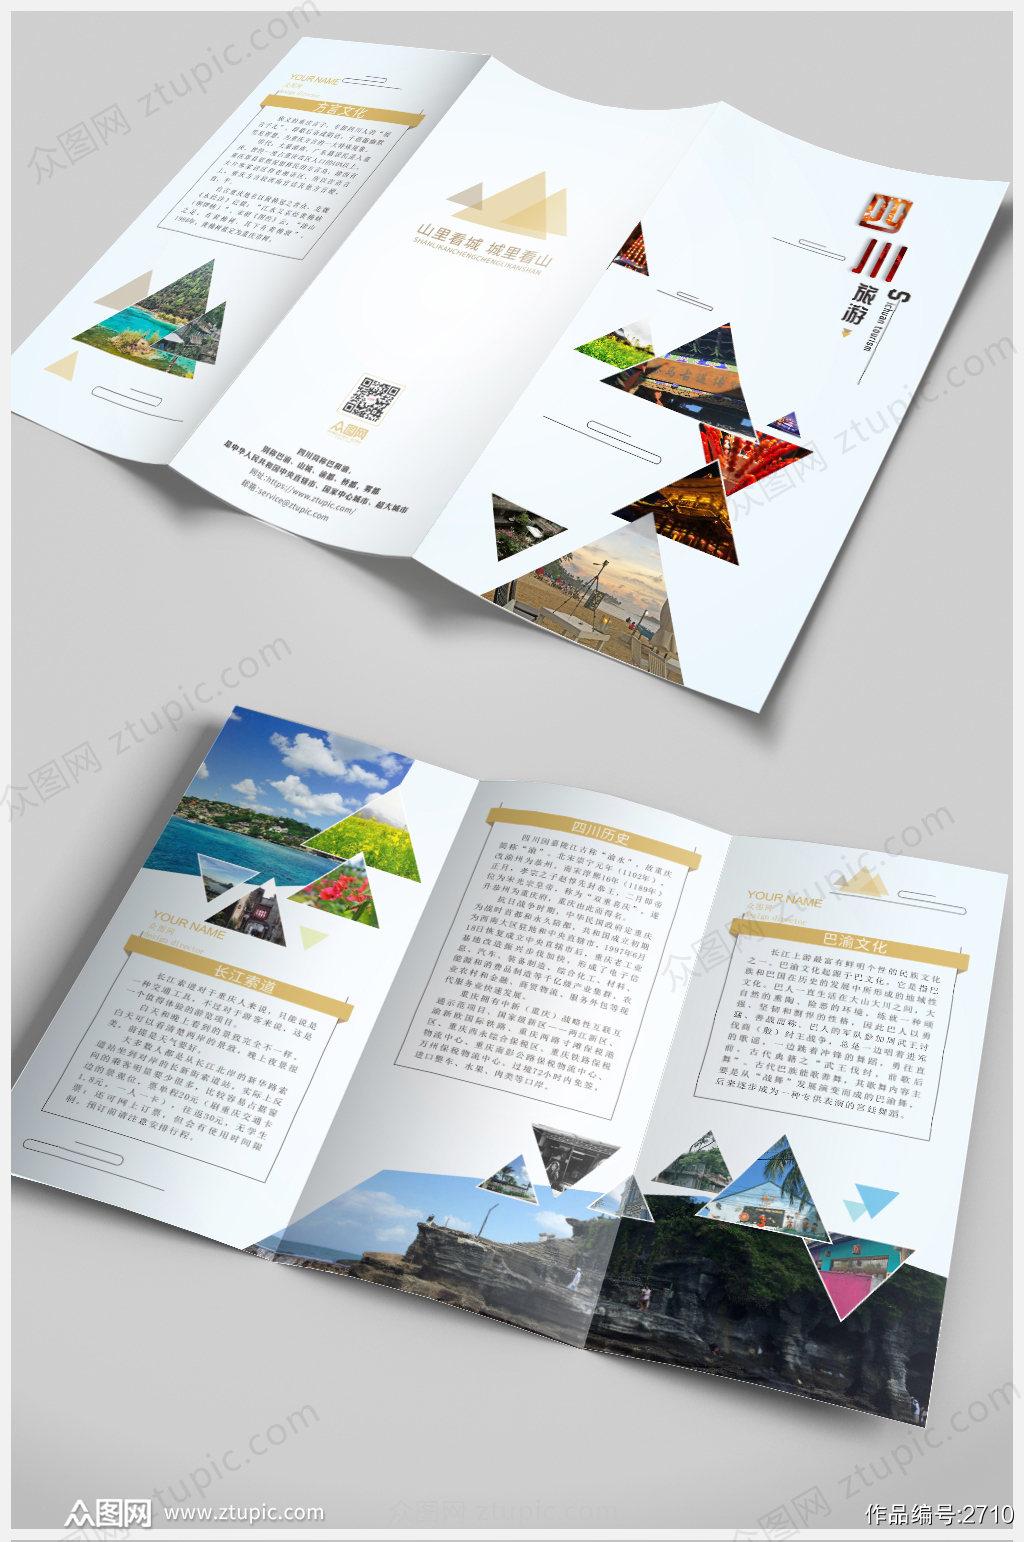 旅游景点手册三折页素材